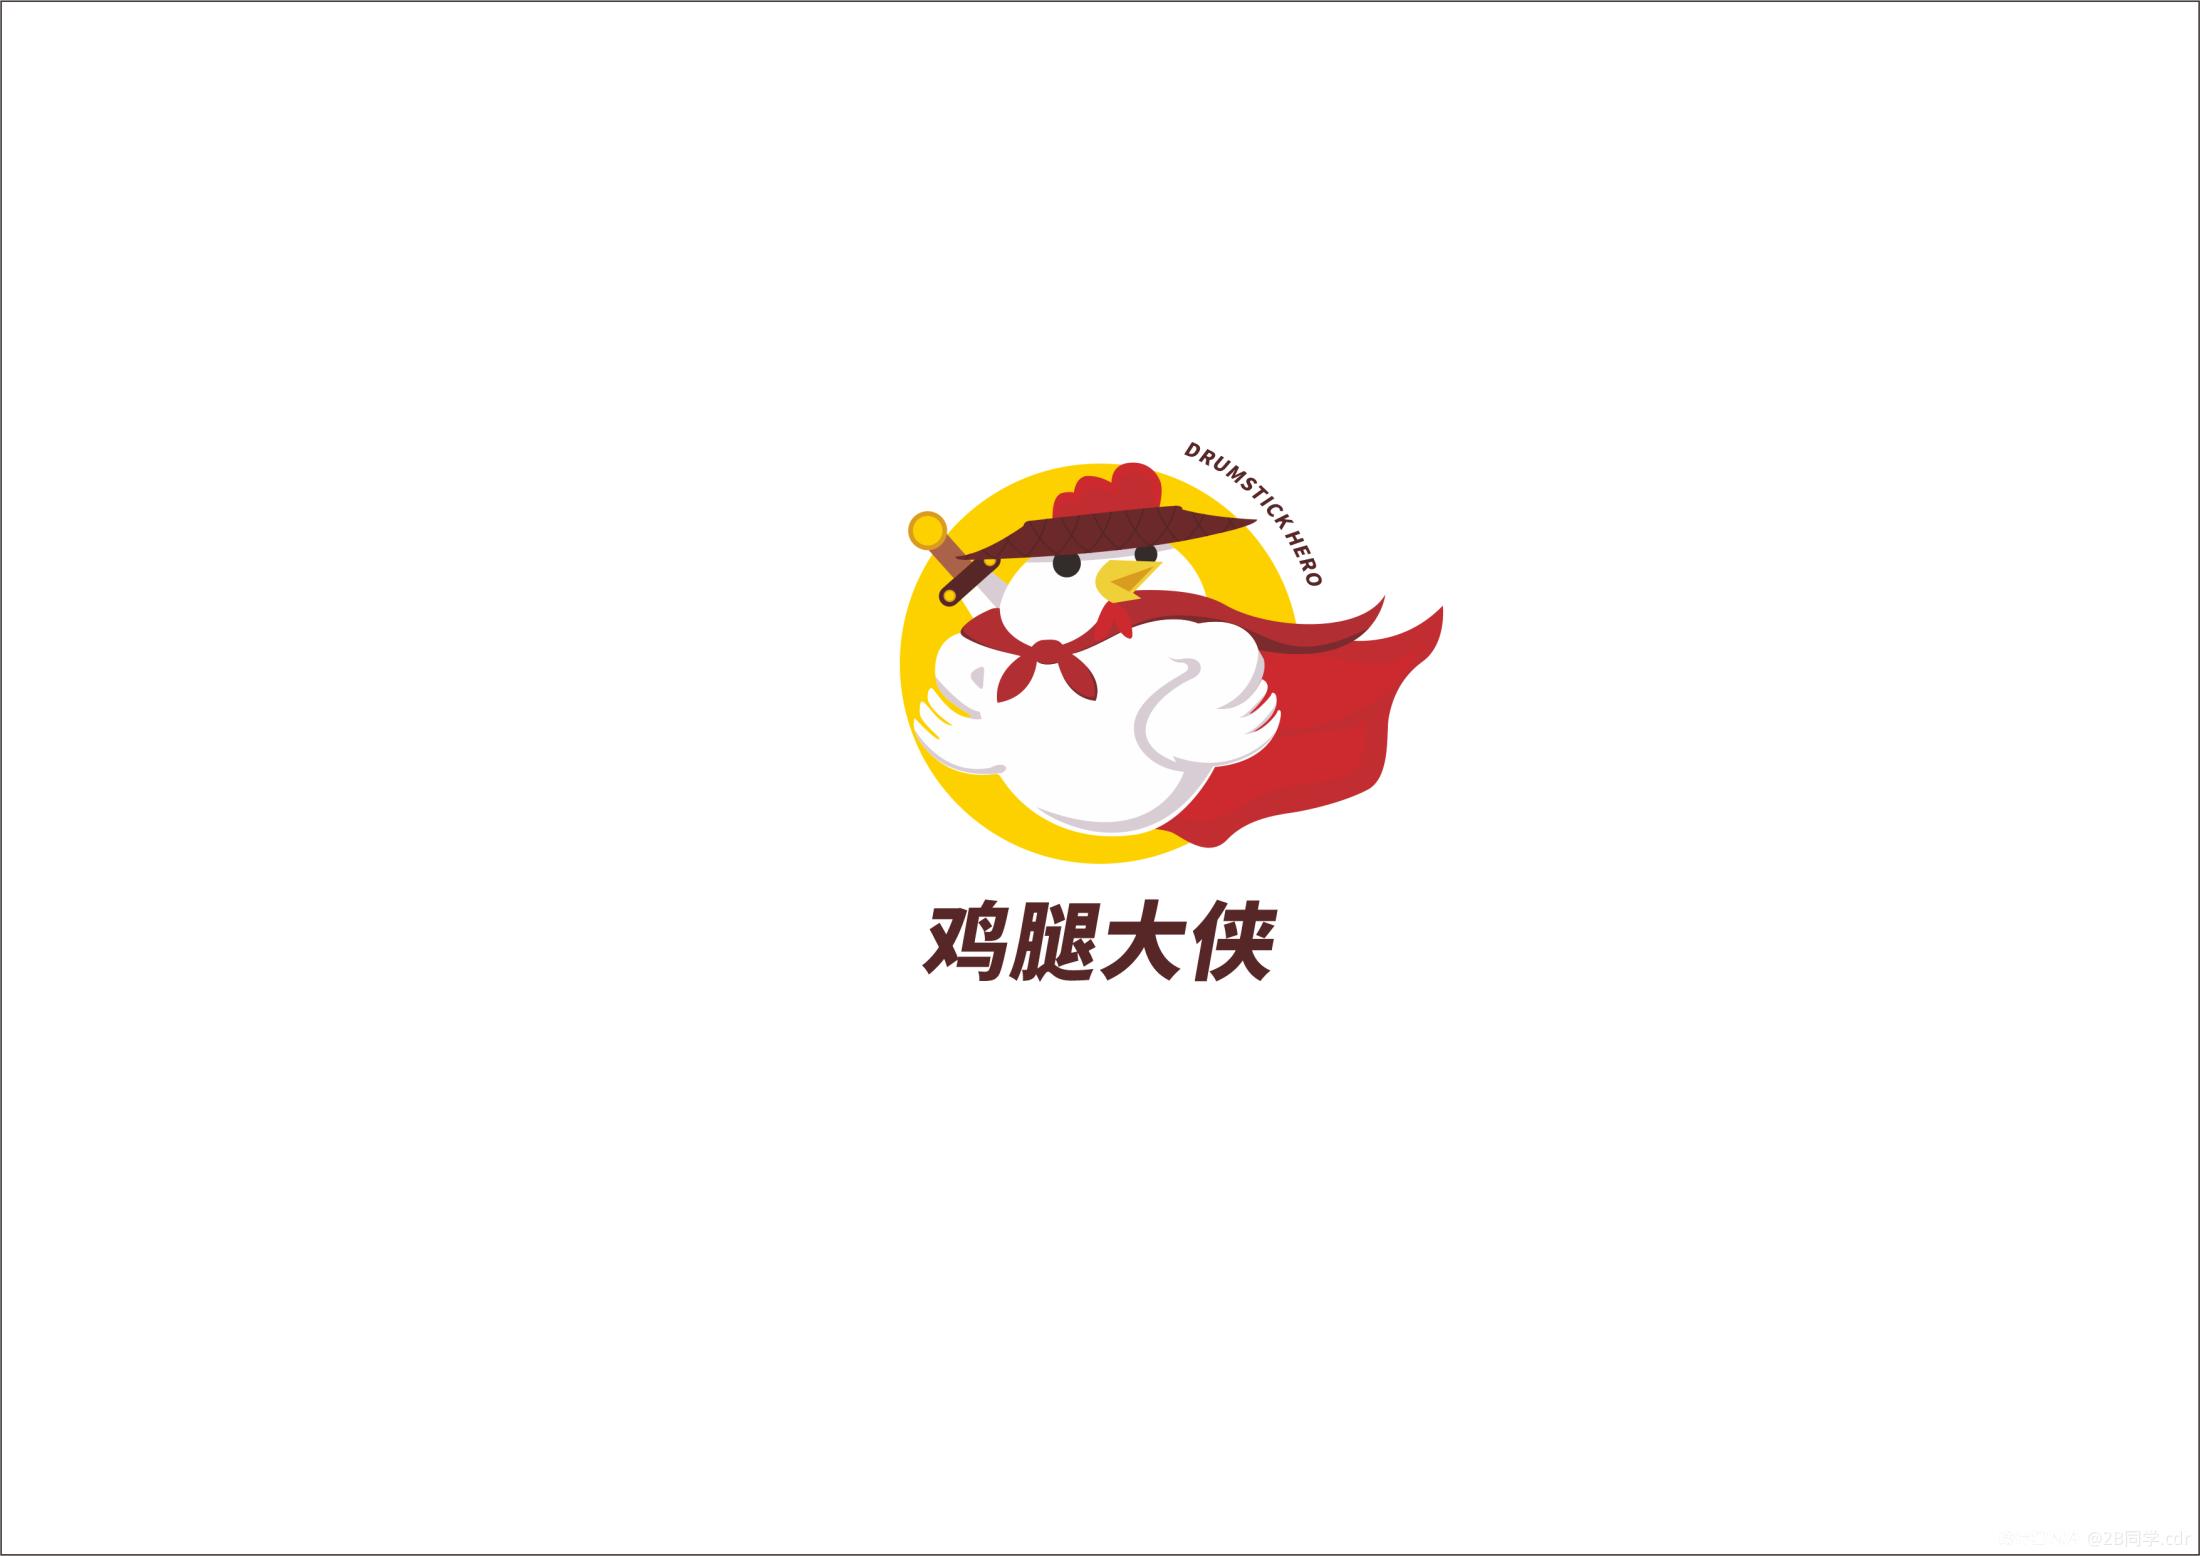 炸鸡大侠形象升级 图2